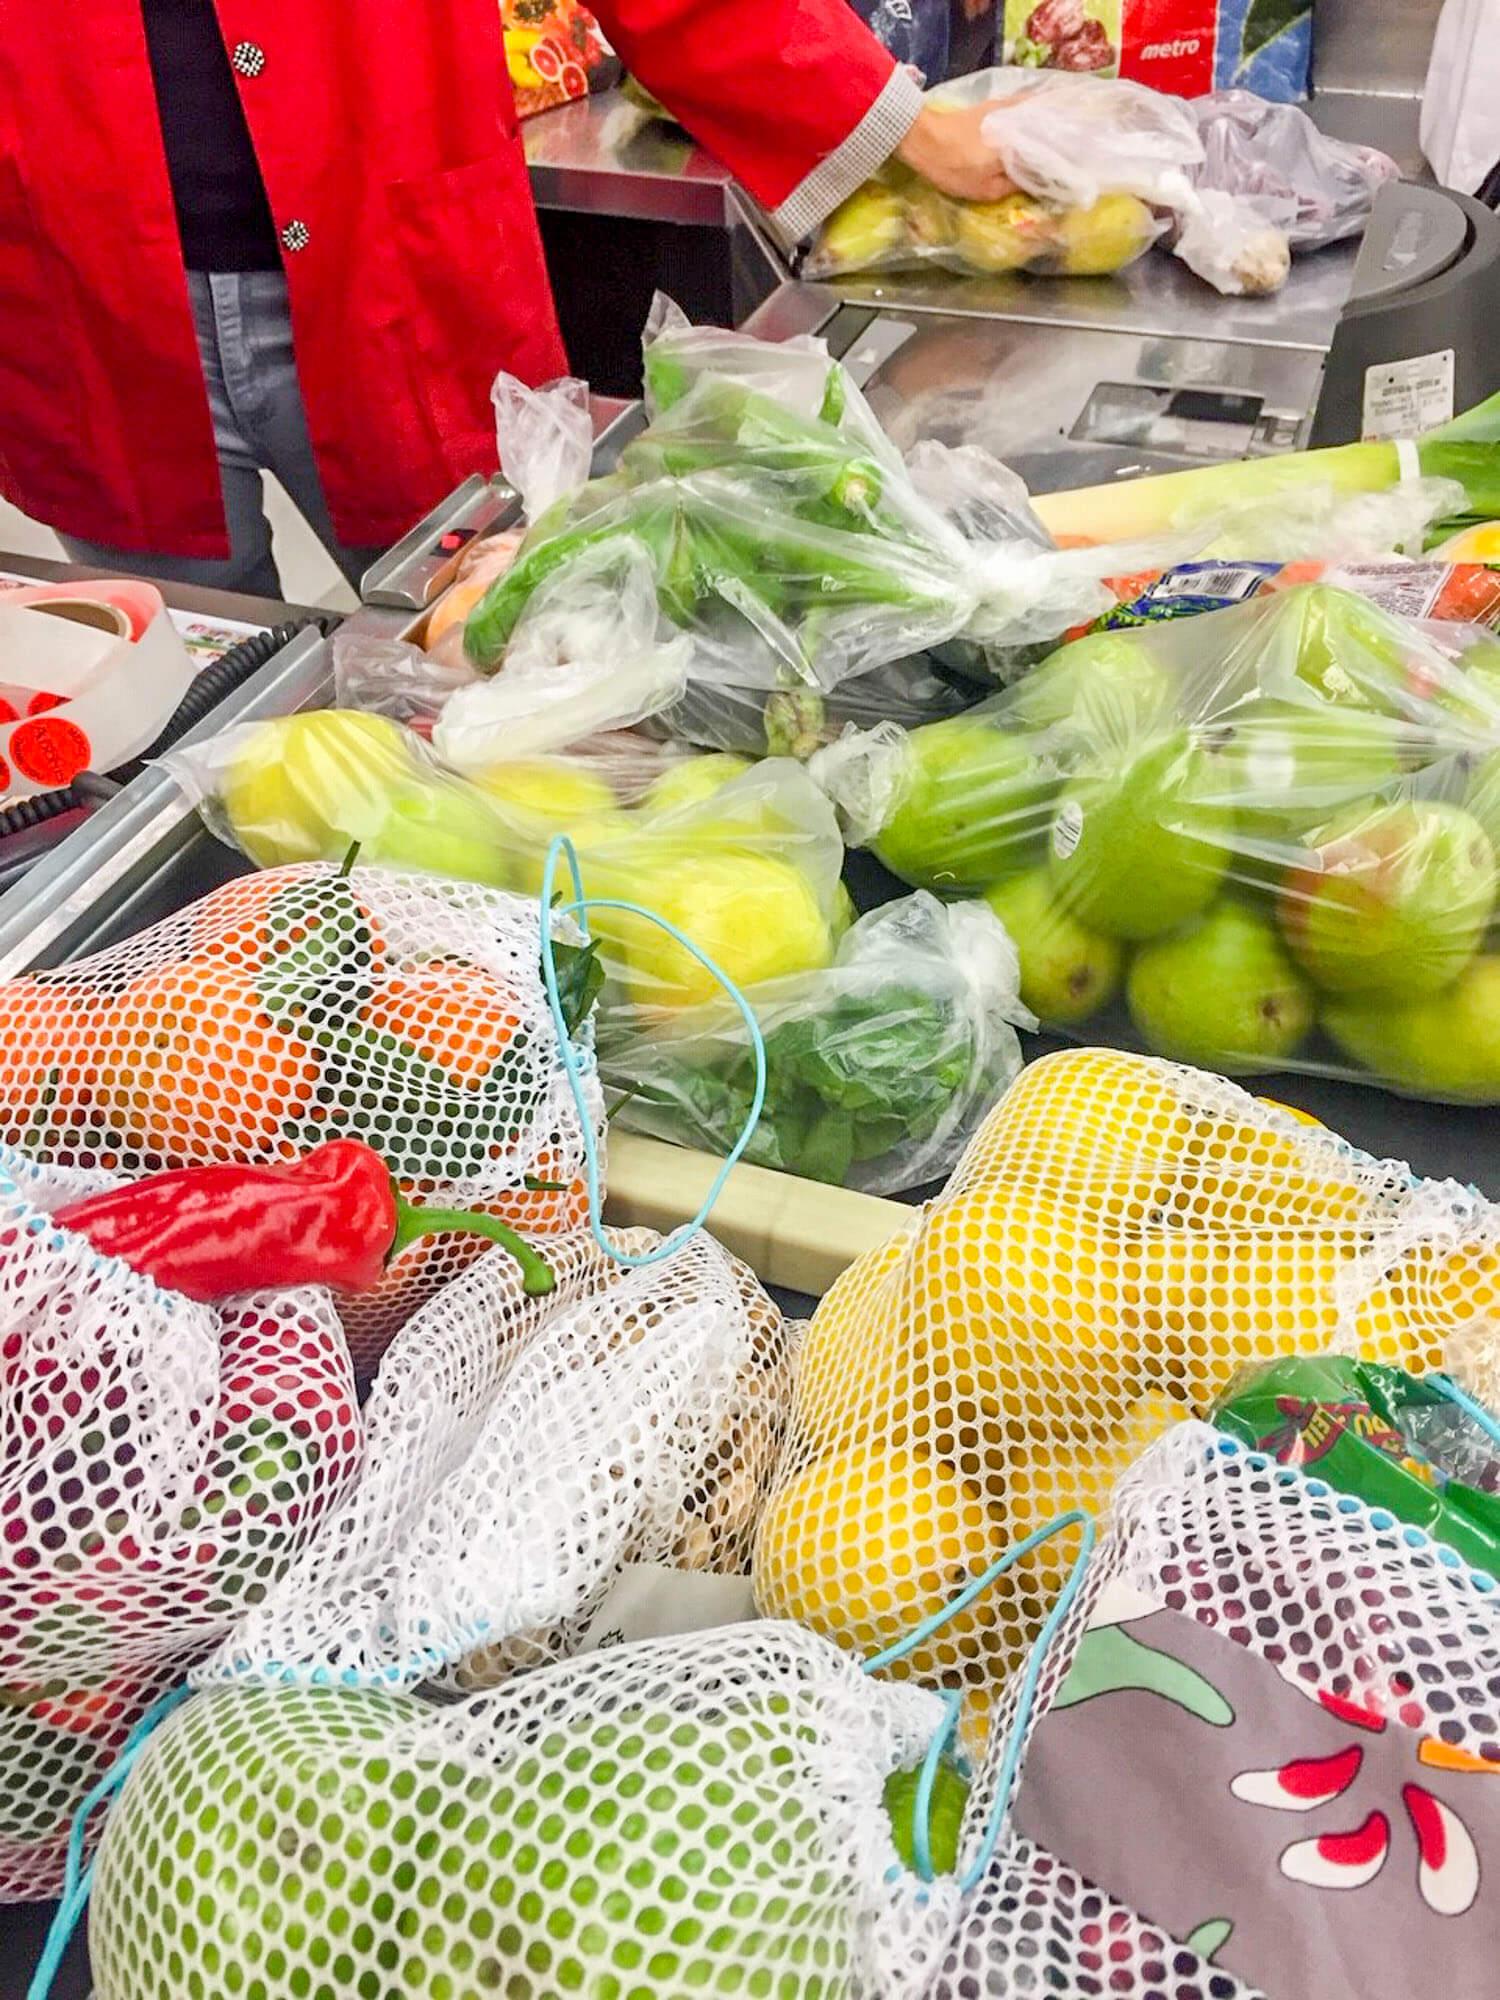 Sacs plastique réutilisables fruits et légumes environnement